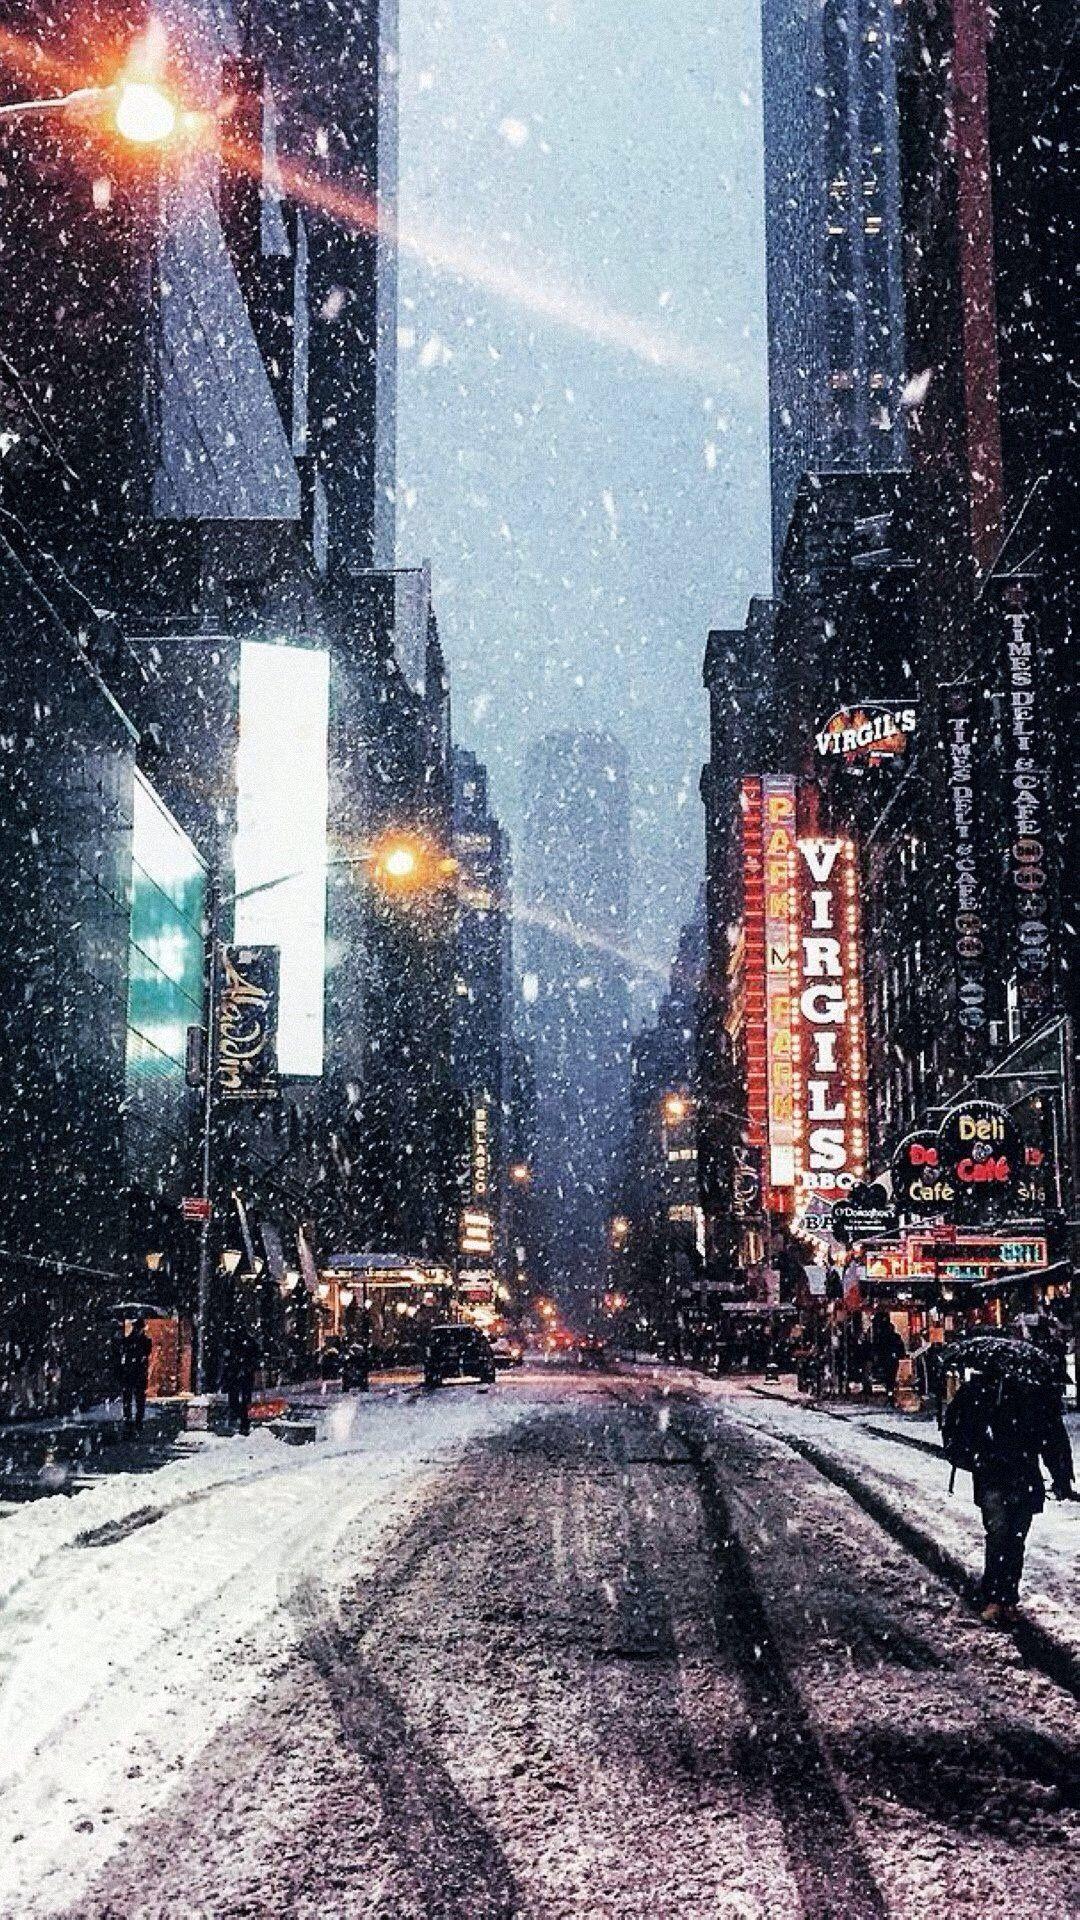 Phone Wallpaper Winter Snow Snow Snow Season 6wallpaper Wallpaprs Back Winter Backgrounds Iphone Christmas Wallpaper Iphone Cute Wallpaper Iphone Christmas